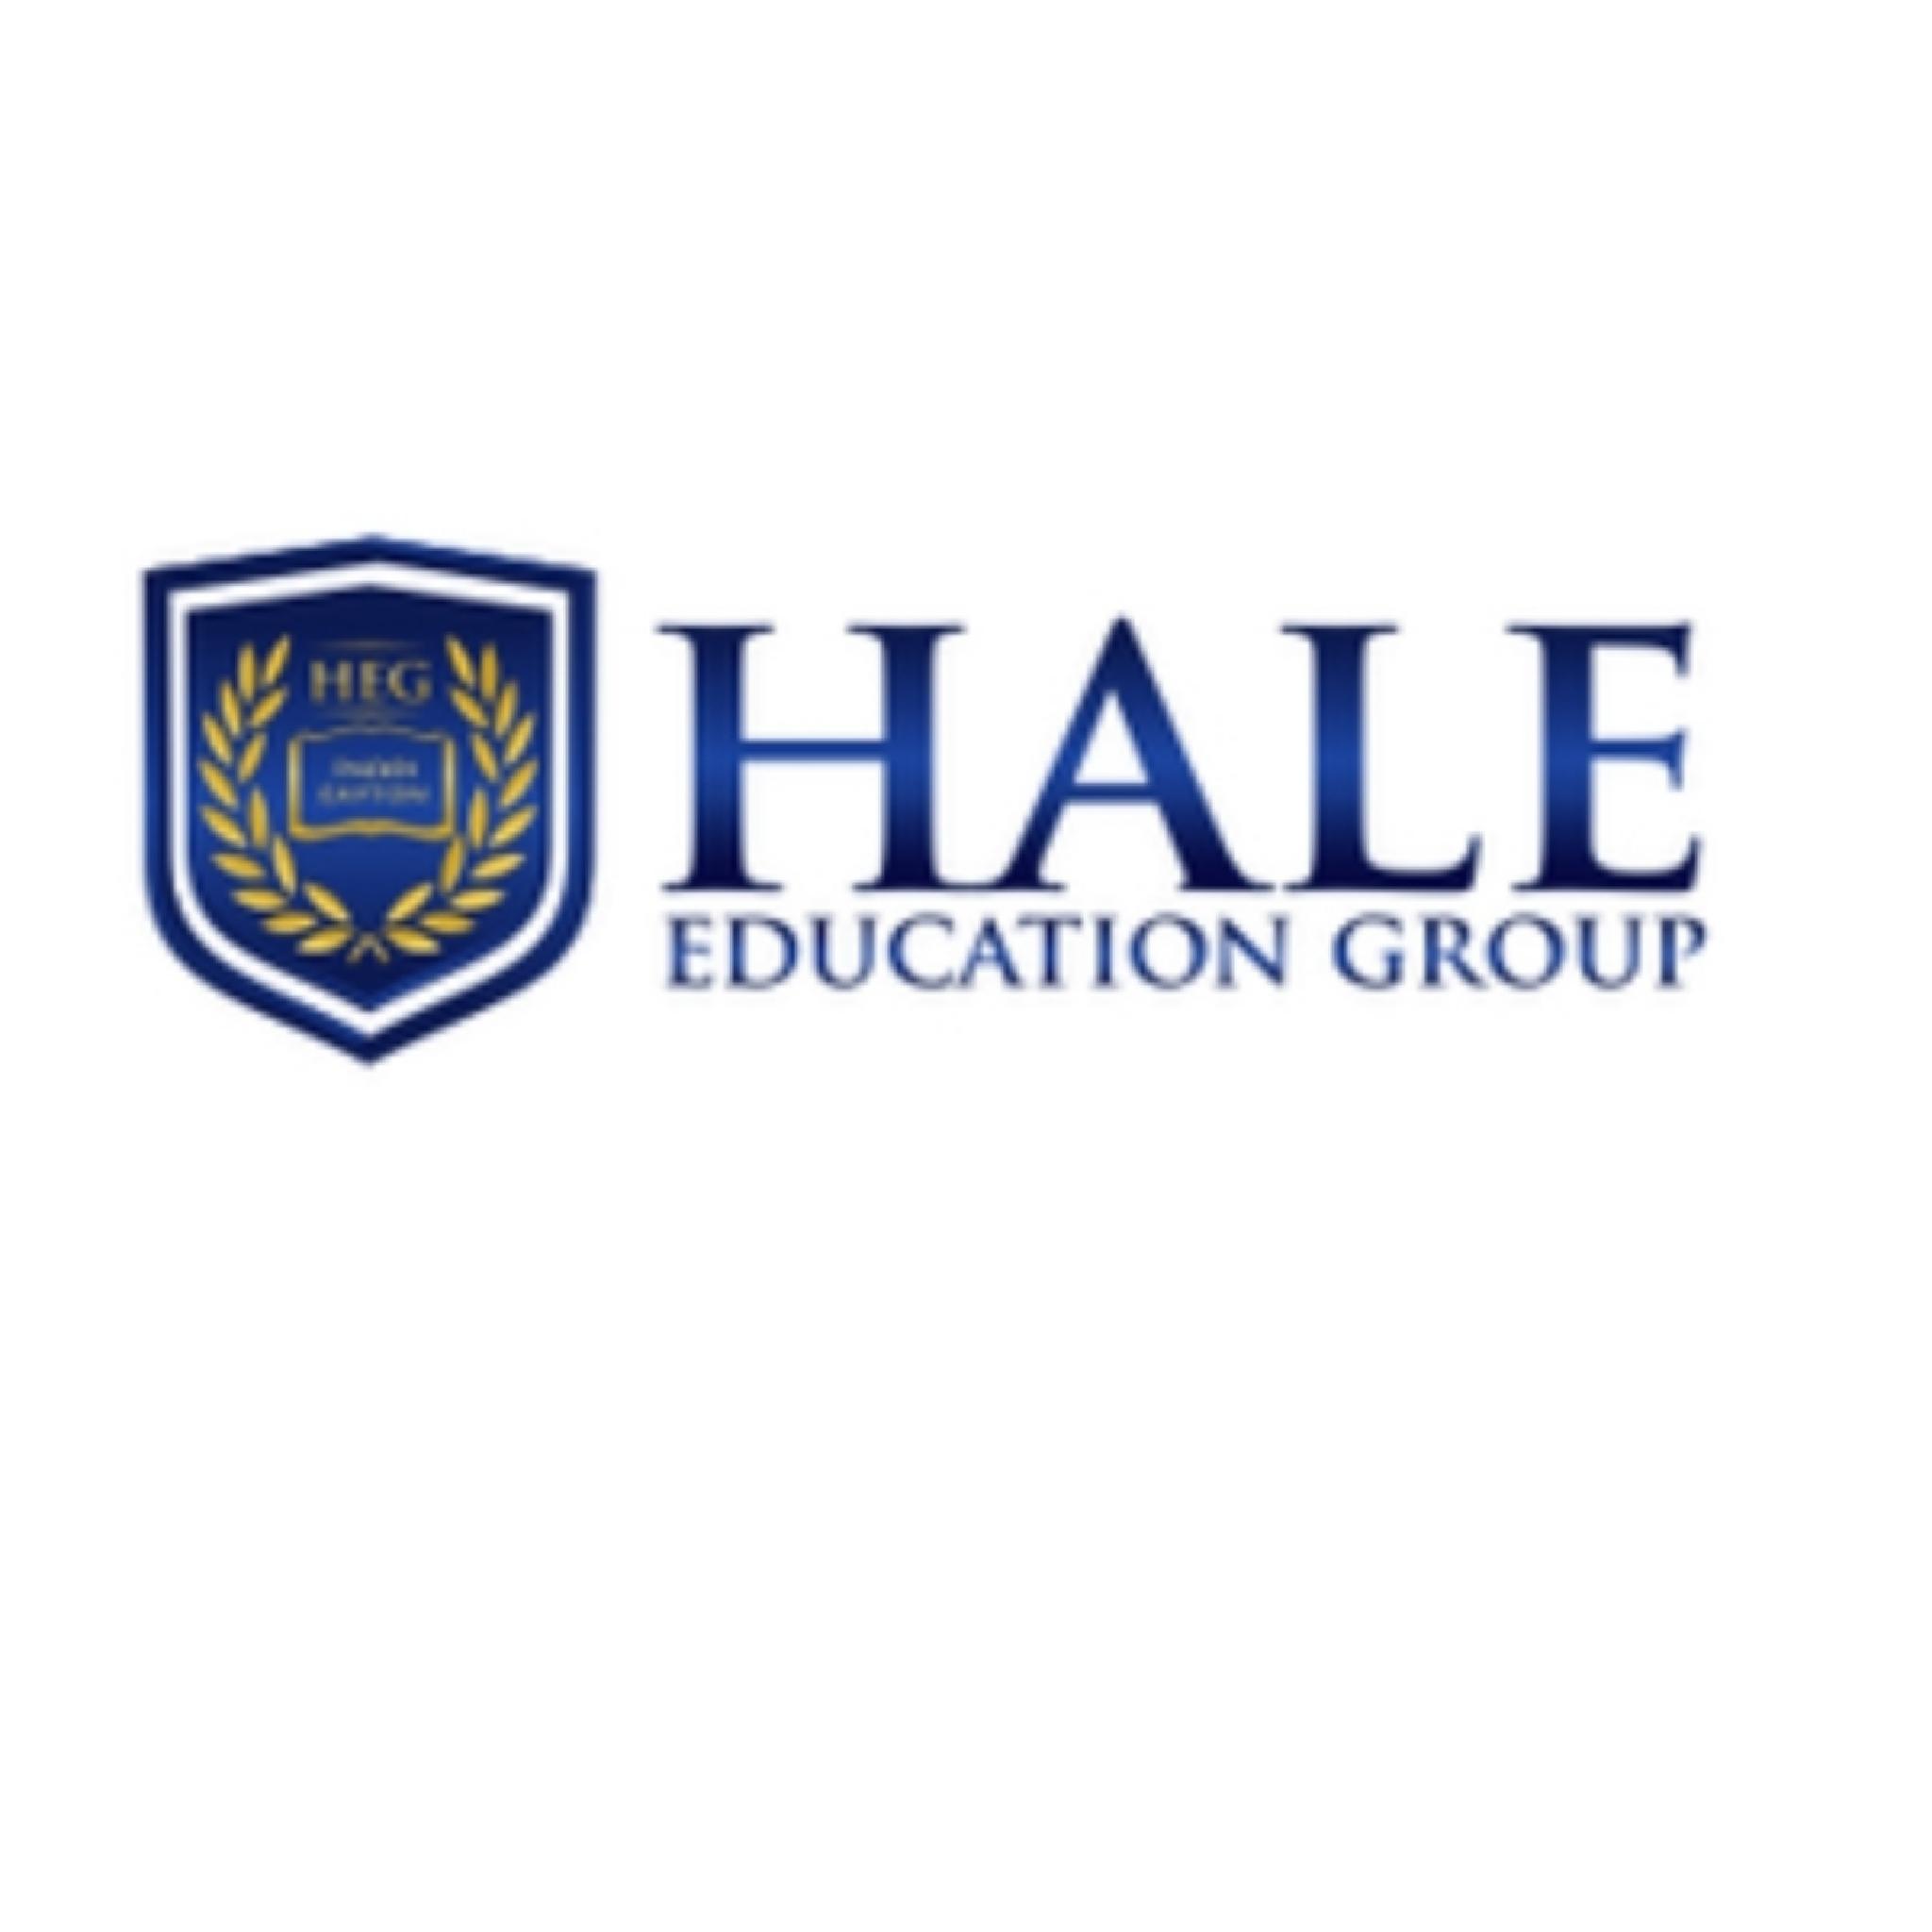 HALE EDUCATION GROUP